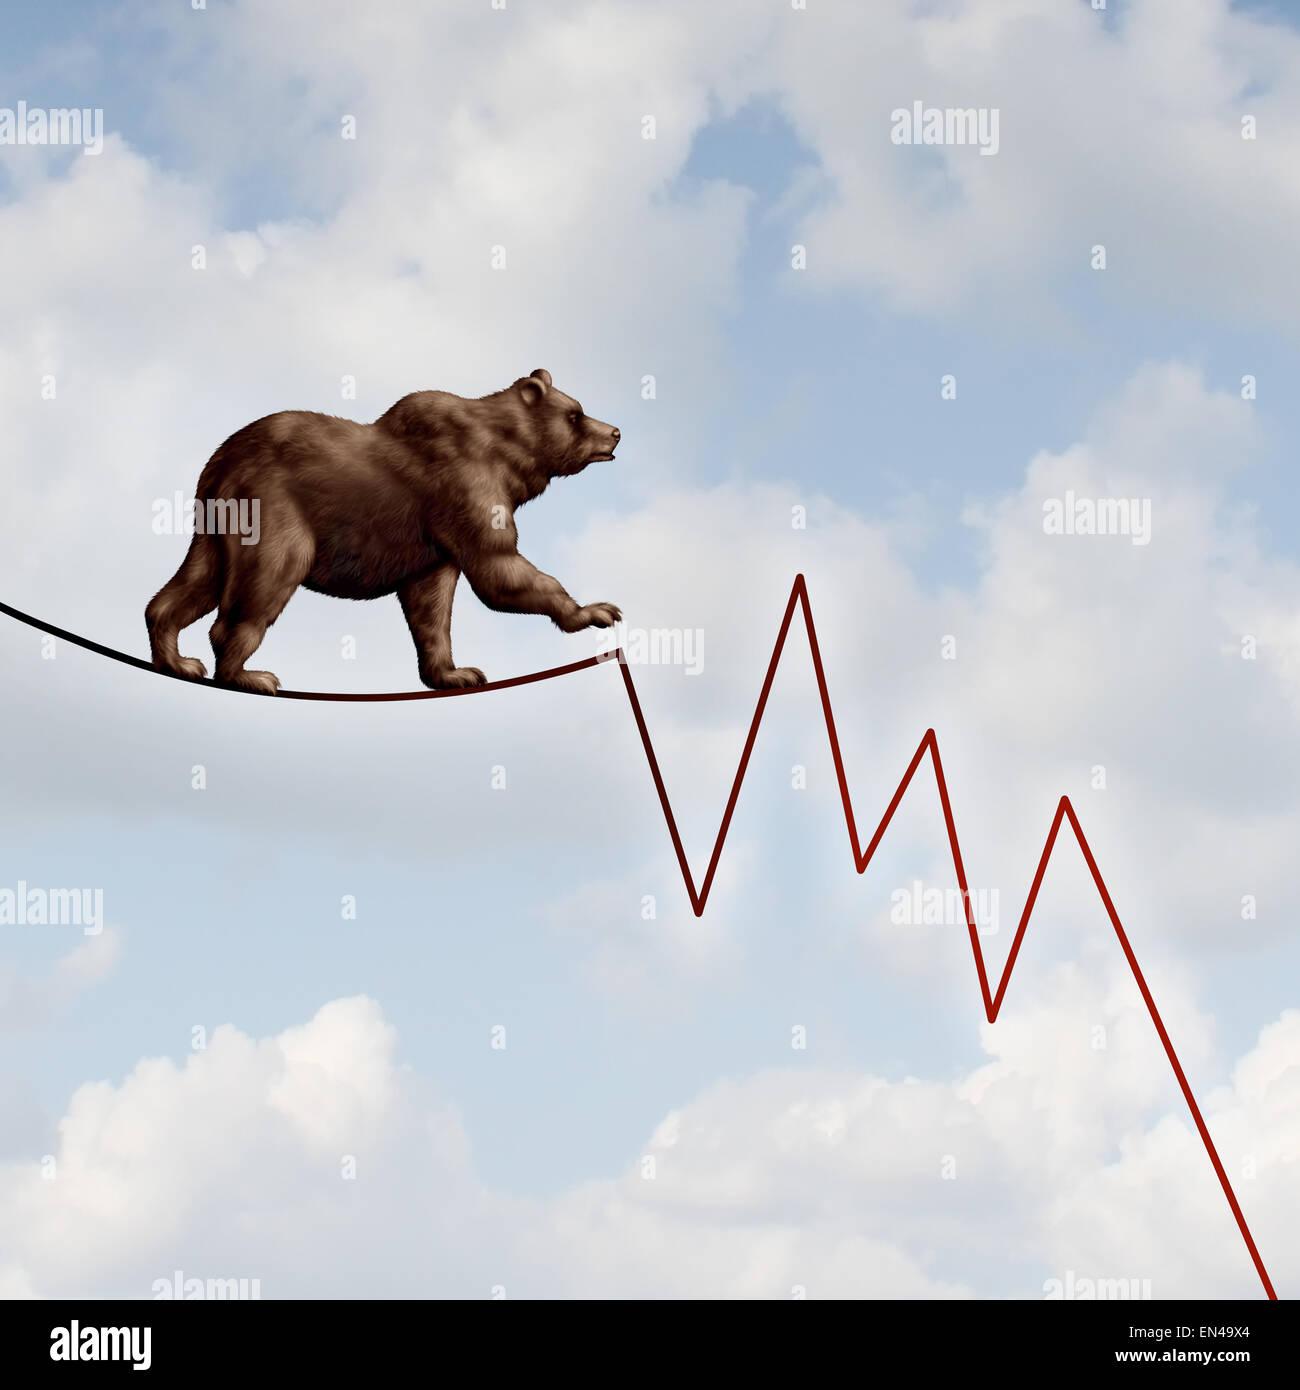 Recare mercato rischio concetto finanziario come una pesante bestia ribassista camminando su un alta fune conformata Immagini Stock